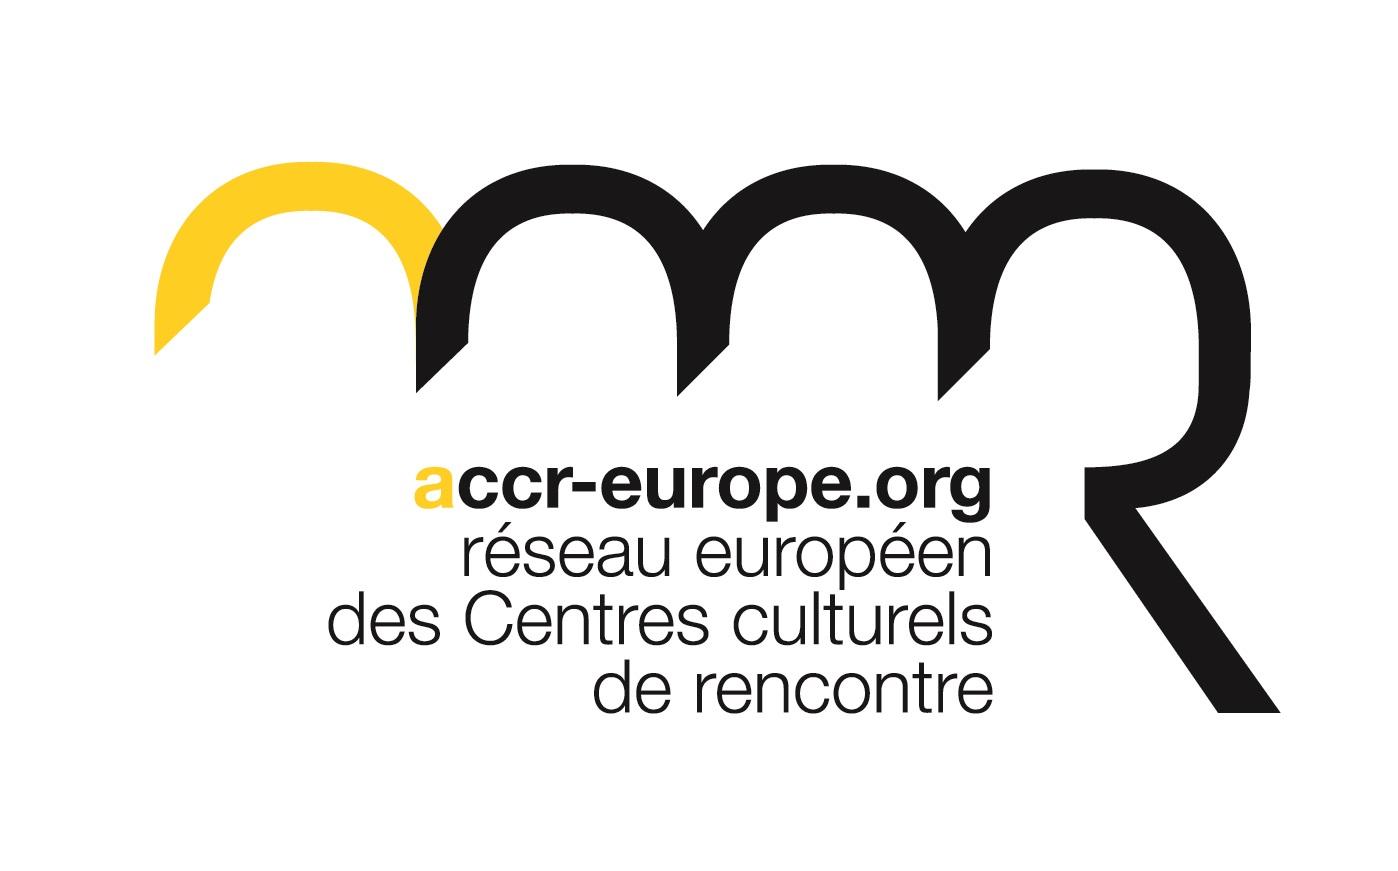 image for Association des Centres culturels de rencontre